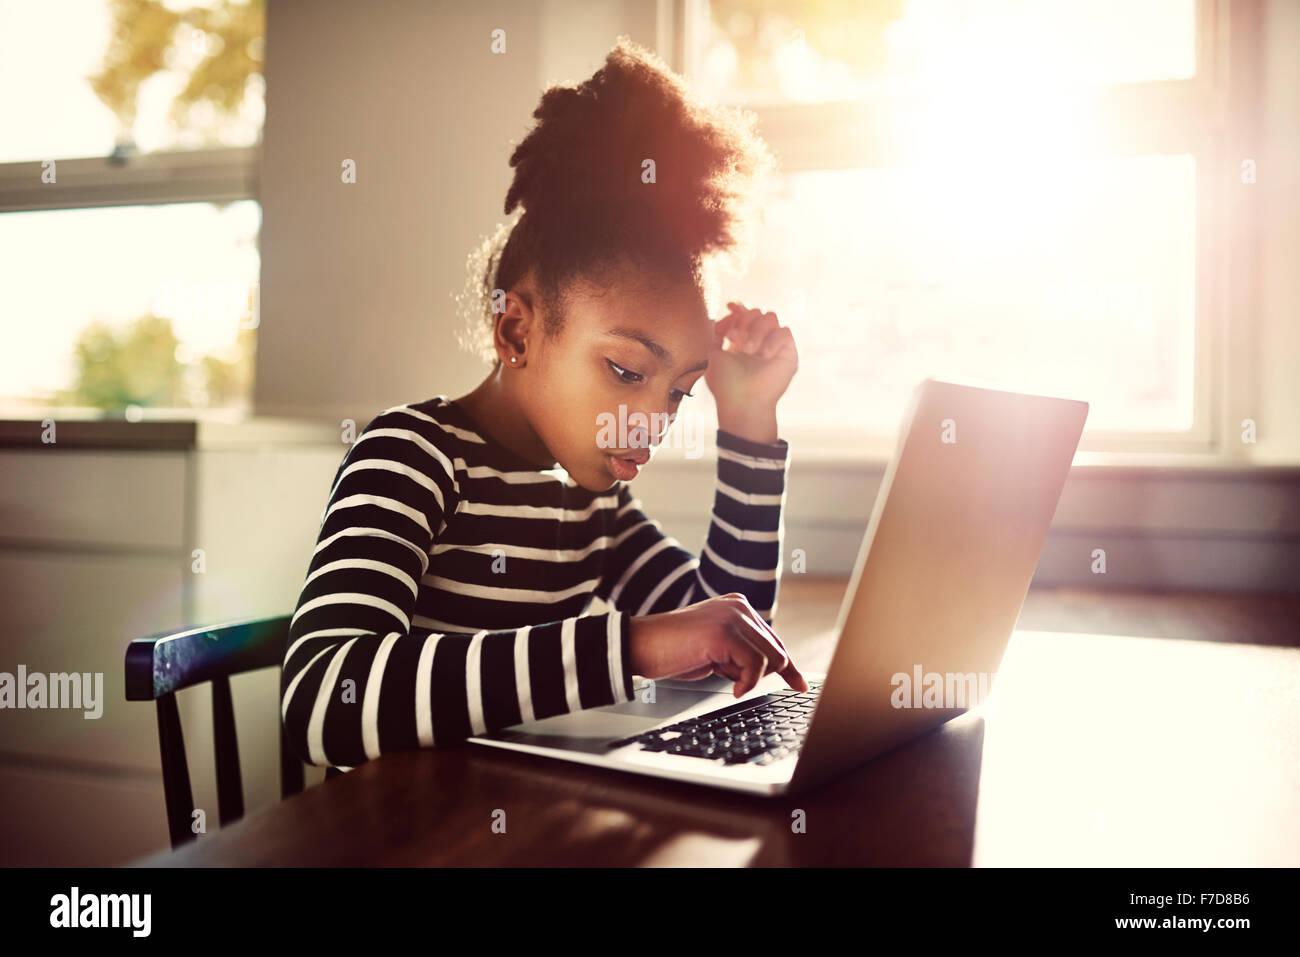 Niña sentada en la mesa del comedor en casa trabajando en sus deberes de la escuela de escribir una respuesta en Foto de stock